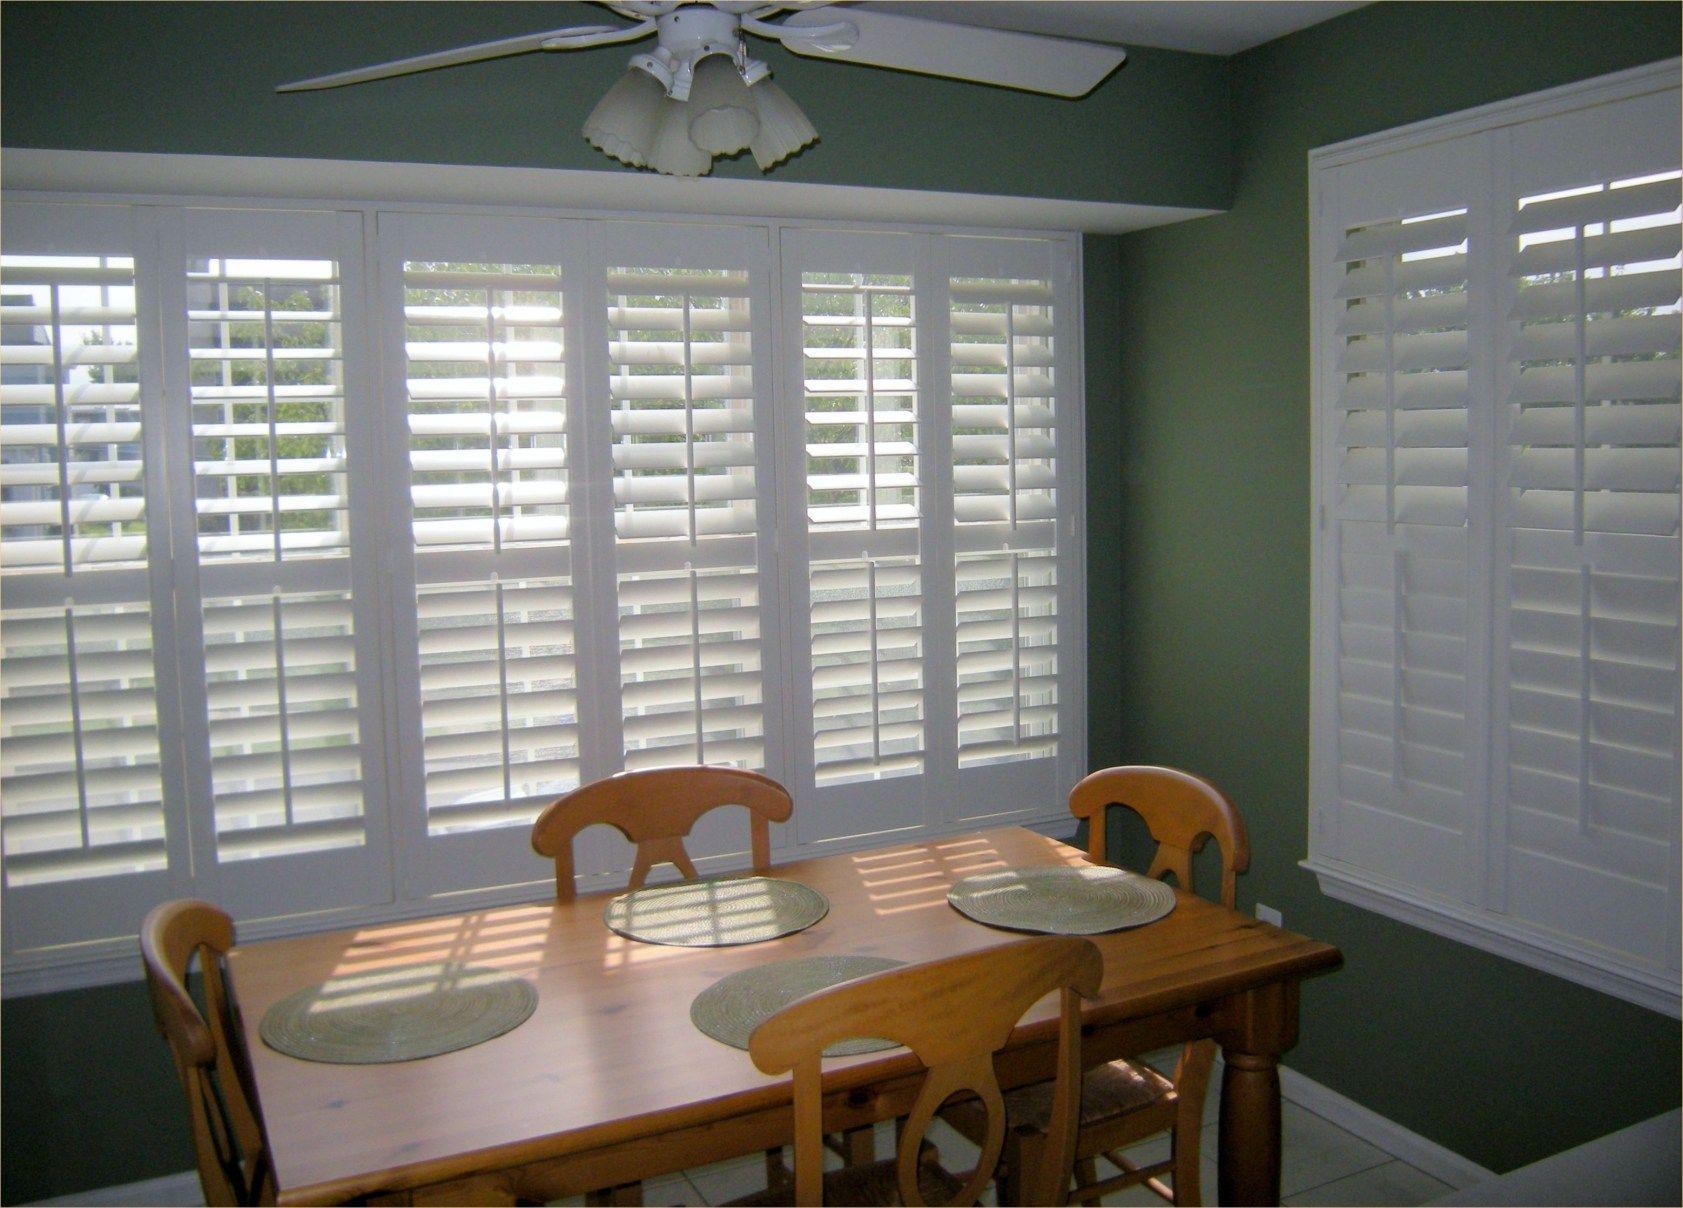 Window blinds ideas   astounding cool ideas modern blinds hunter douglas roller blinds